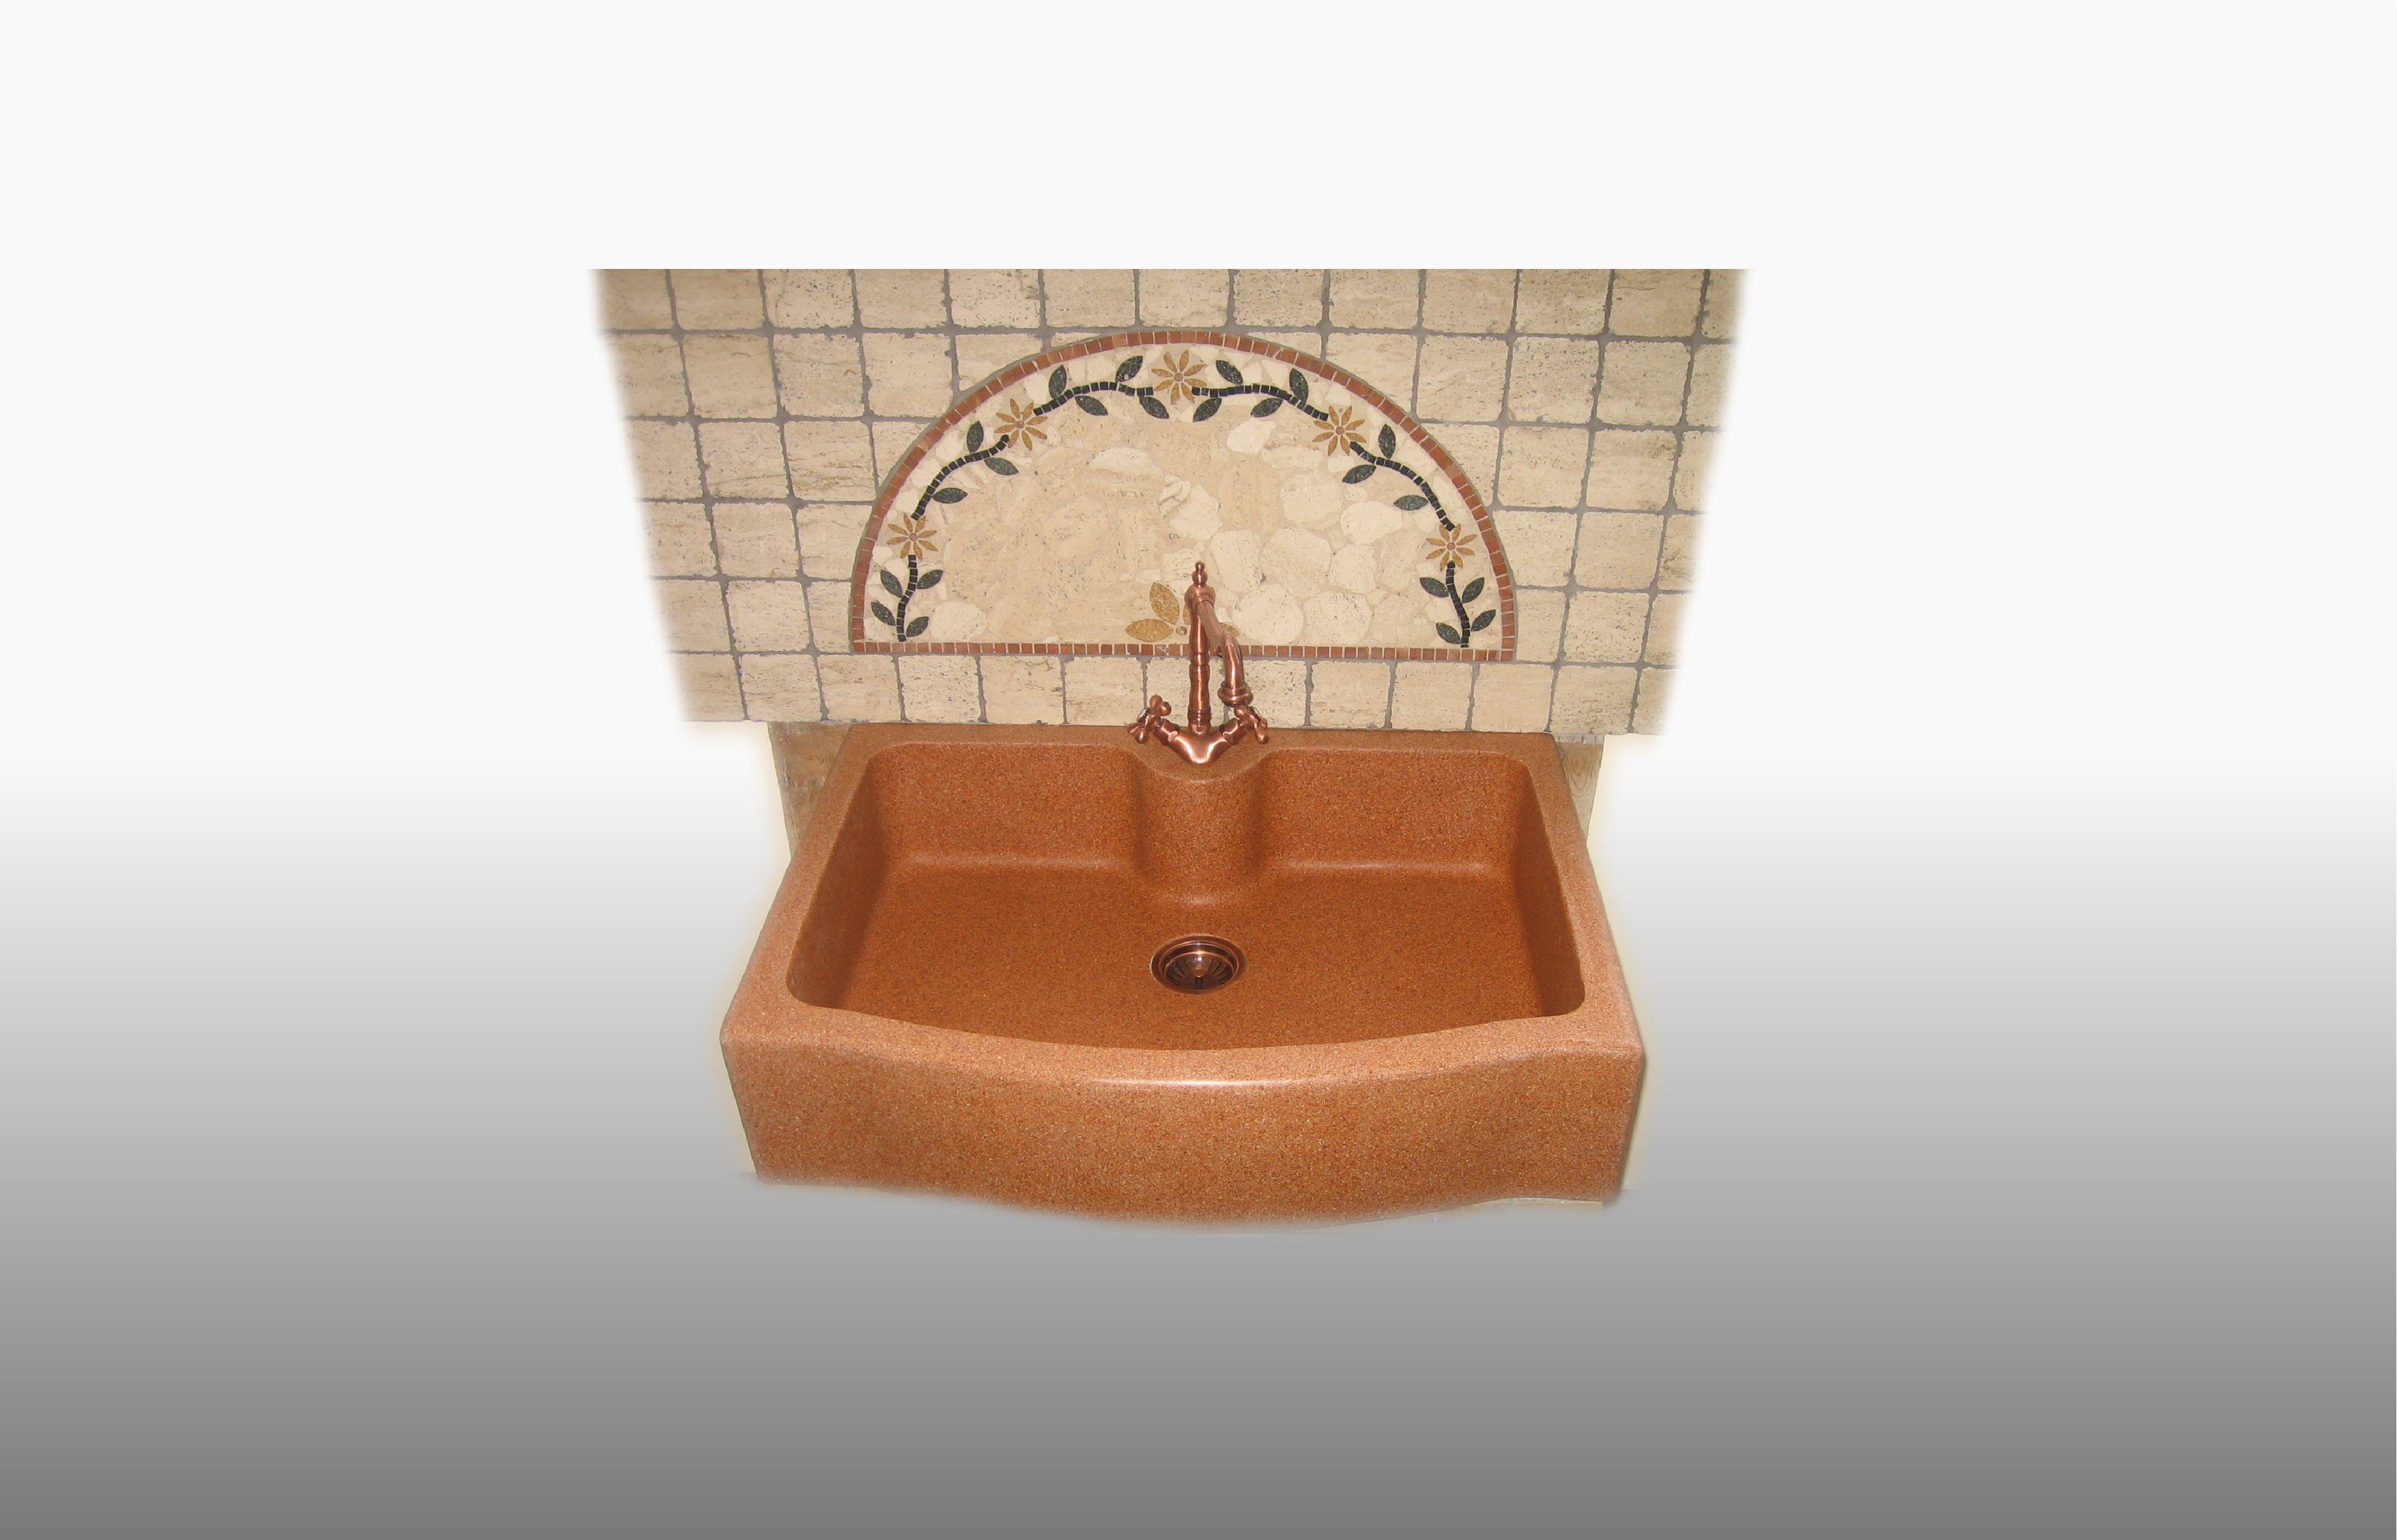 Lavello da appoggio in graniglia di marmo e resina  misura 60-65x90x21 cm  - prezzo 600,00 - 830 €